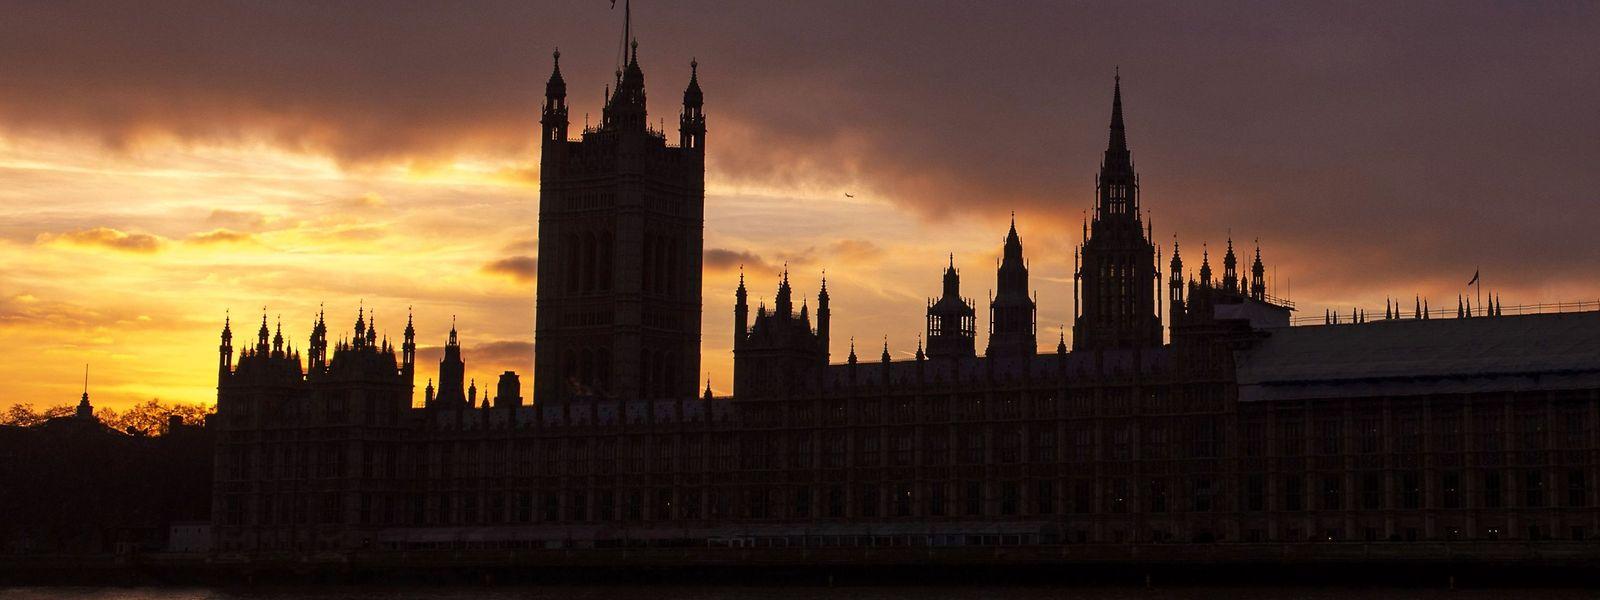 Im britischen Parlament soll in etwa einer Woche über das Brexit-Abkommen mit der EU beraten werden.